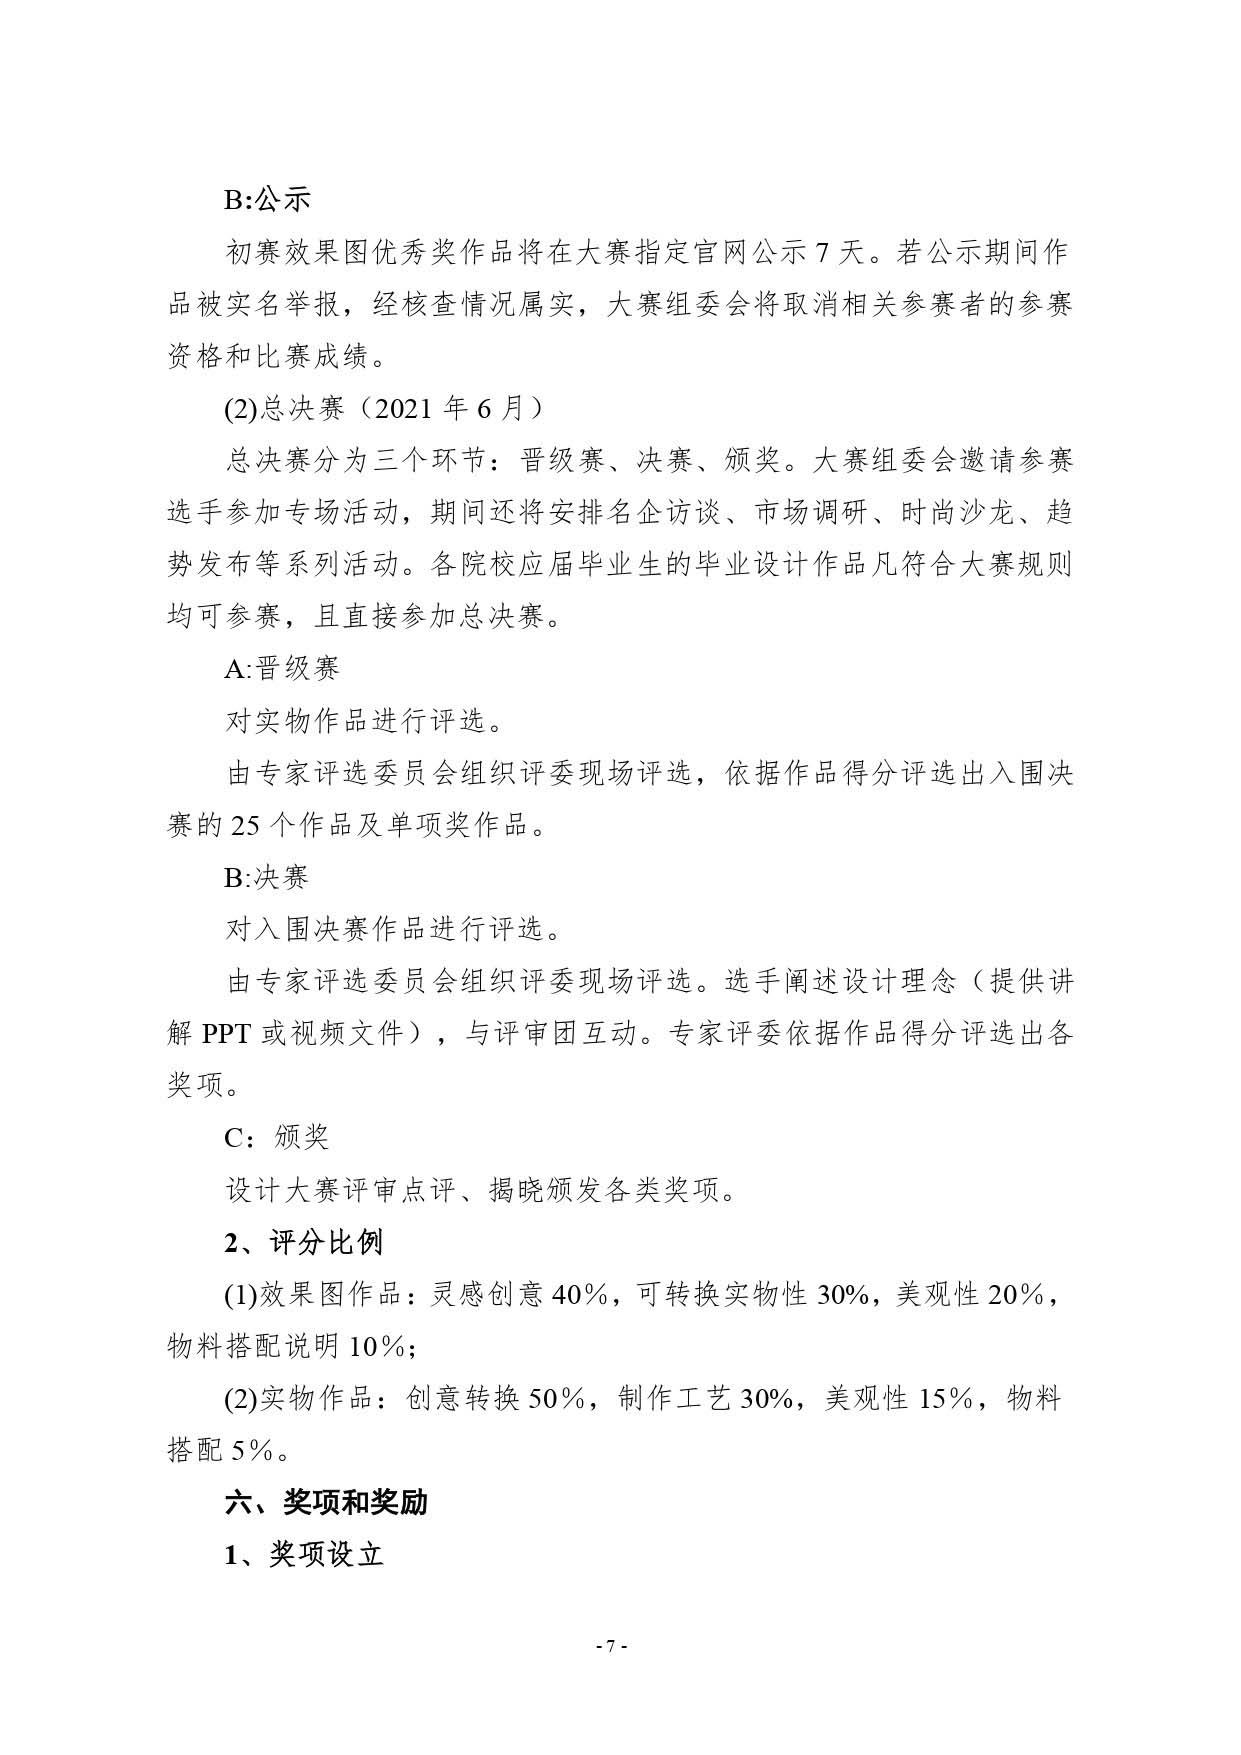 第二十四届(2021)真皮标志杯鞋类大赛通知2020.11.25.印刷版_page-0007.jpg